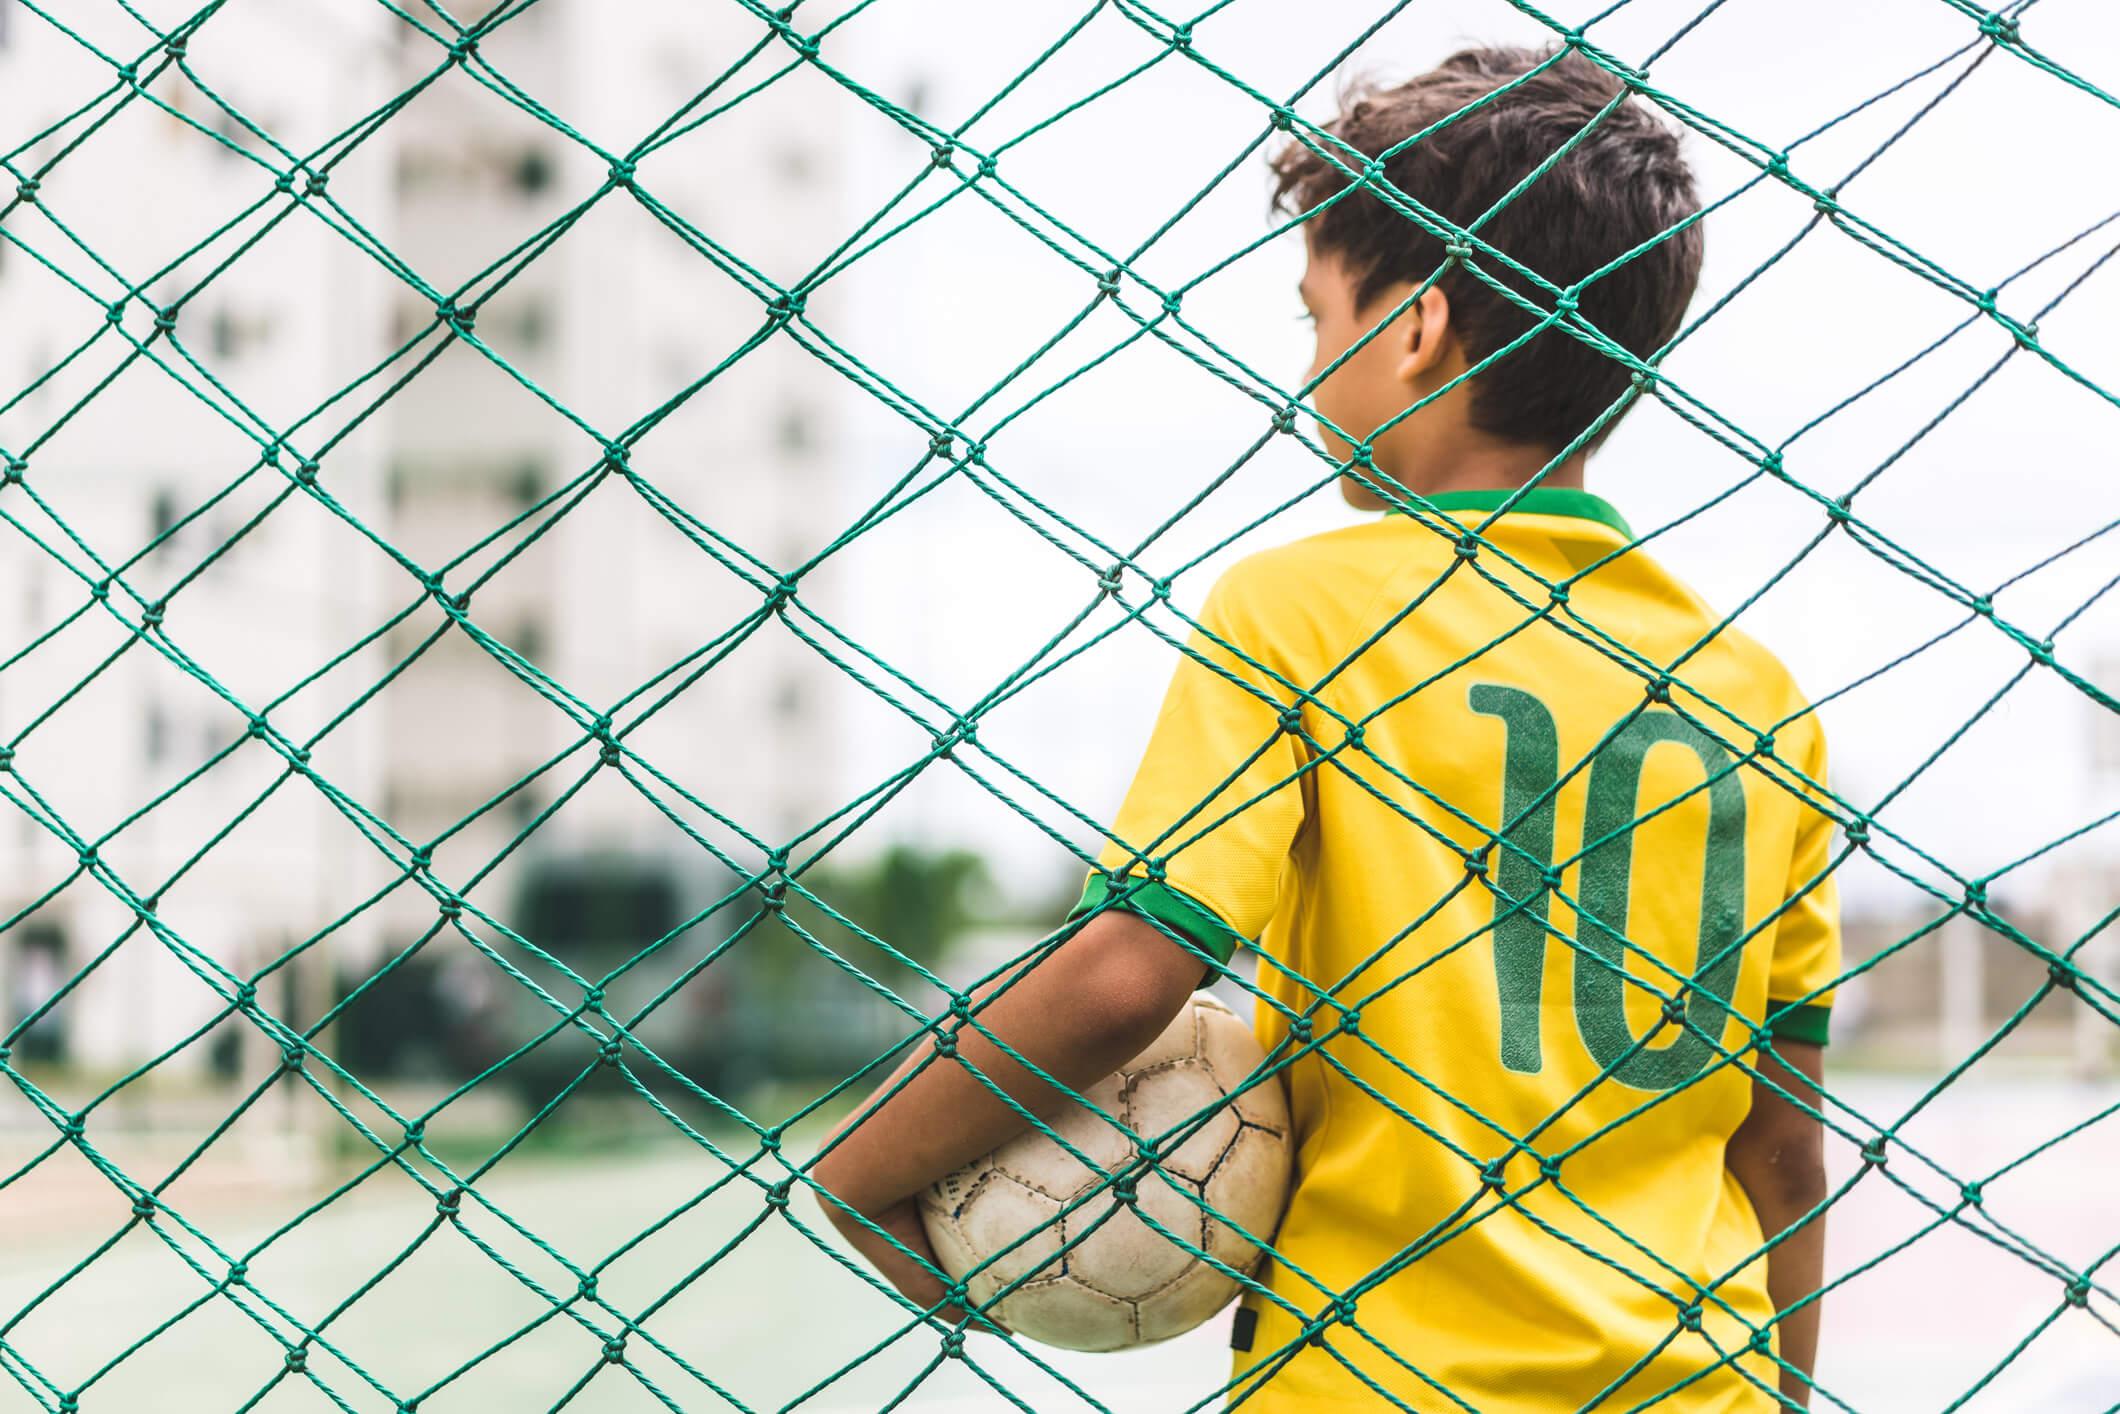 Futebol no Brasil: quais são os craques mais novos dentro do esporte?